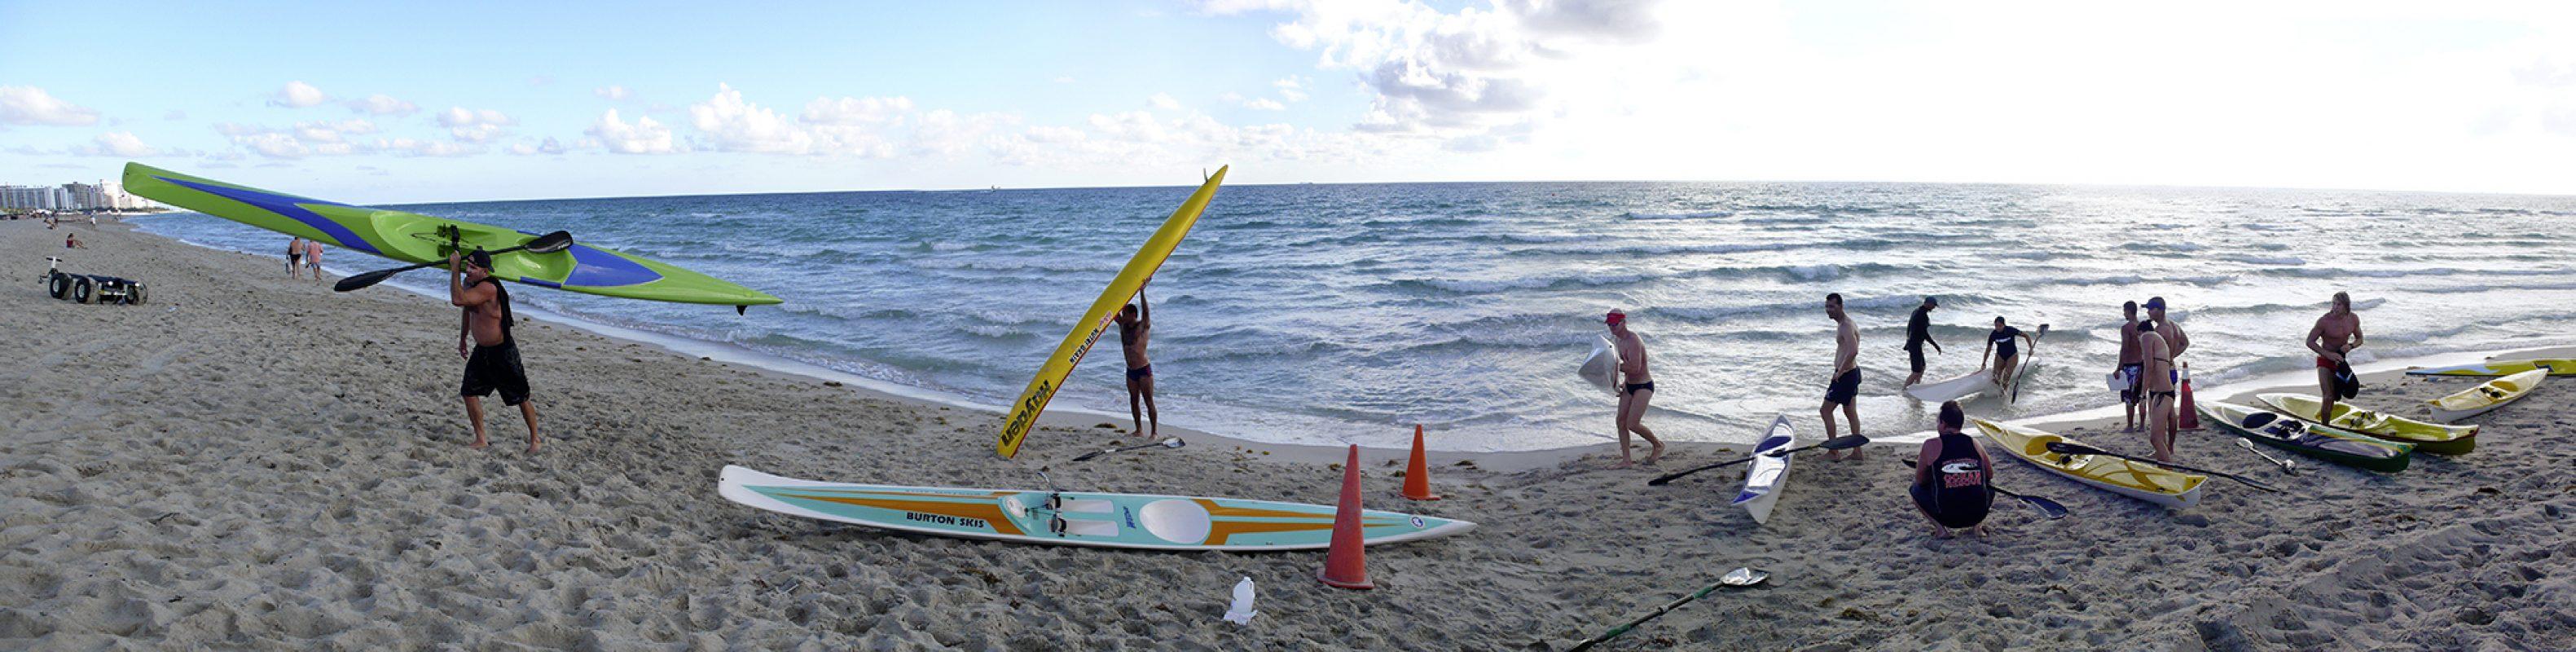 Miamisurfer